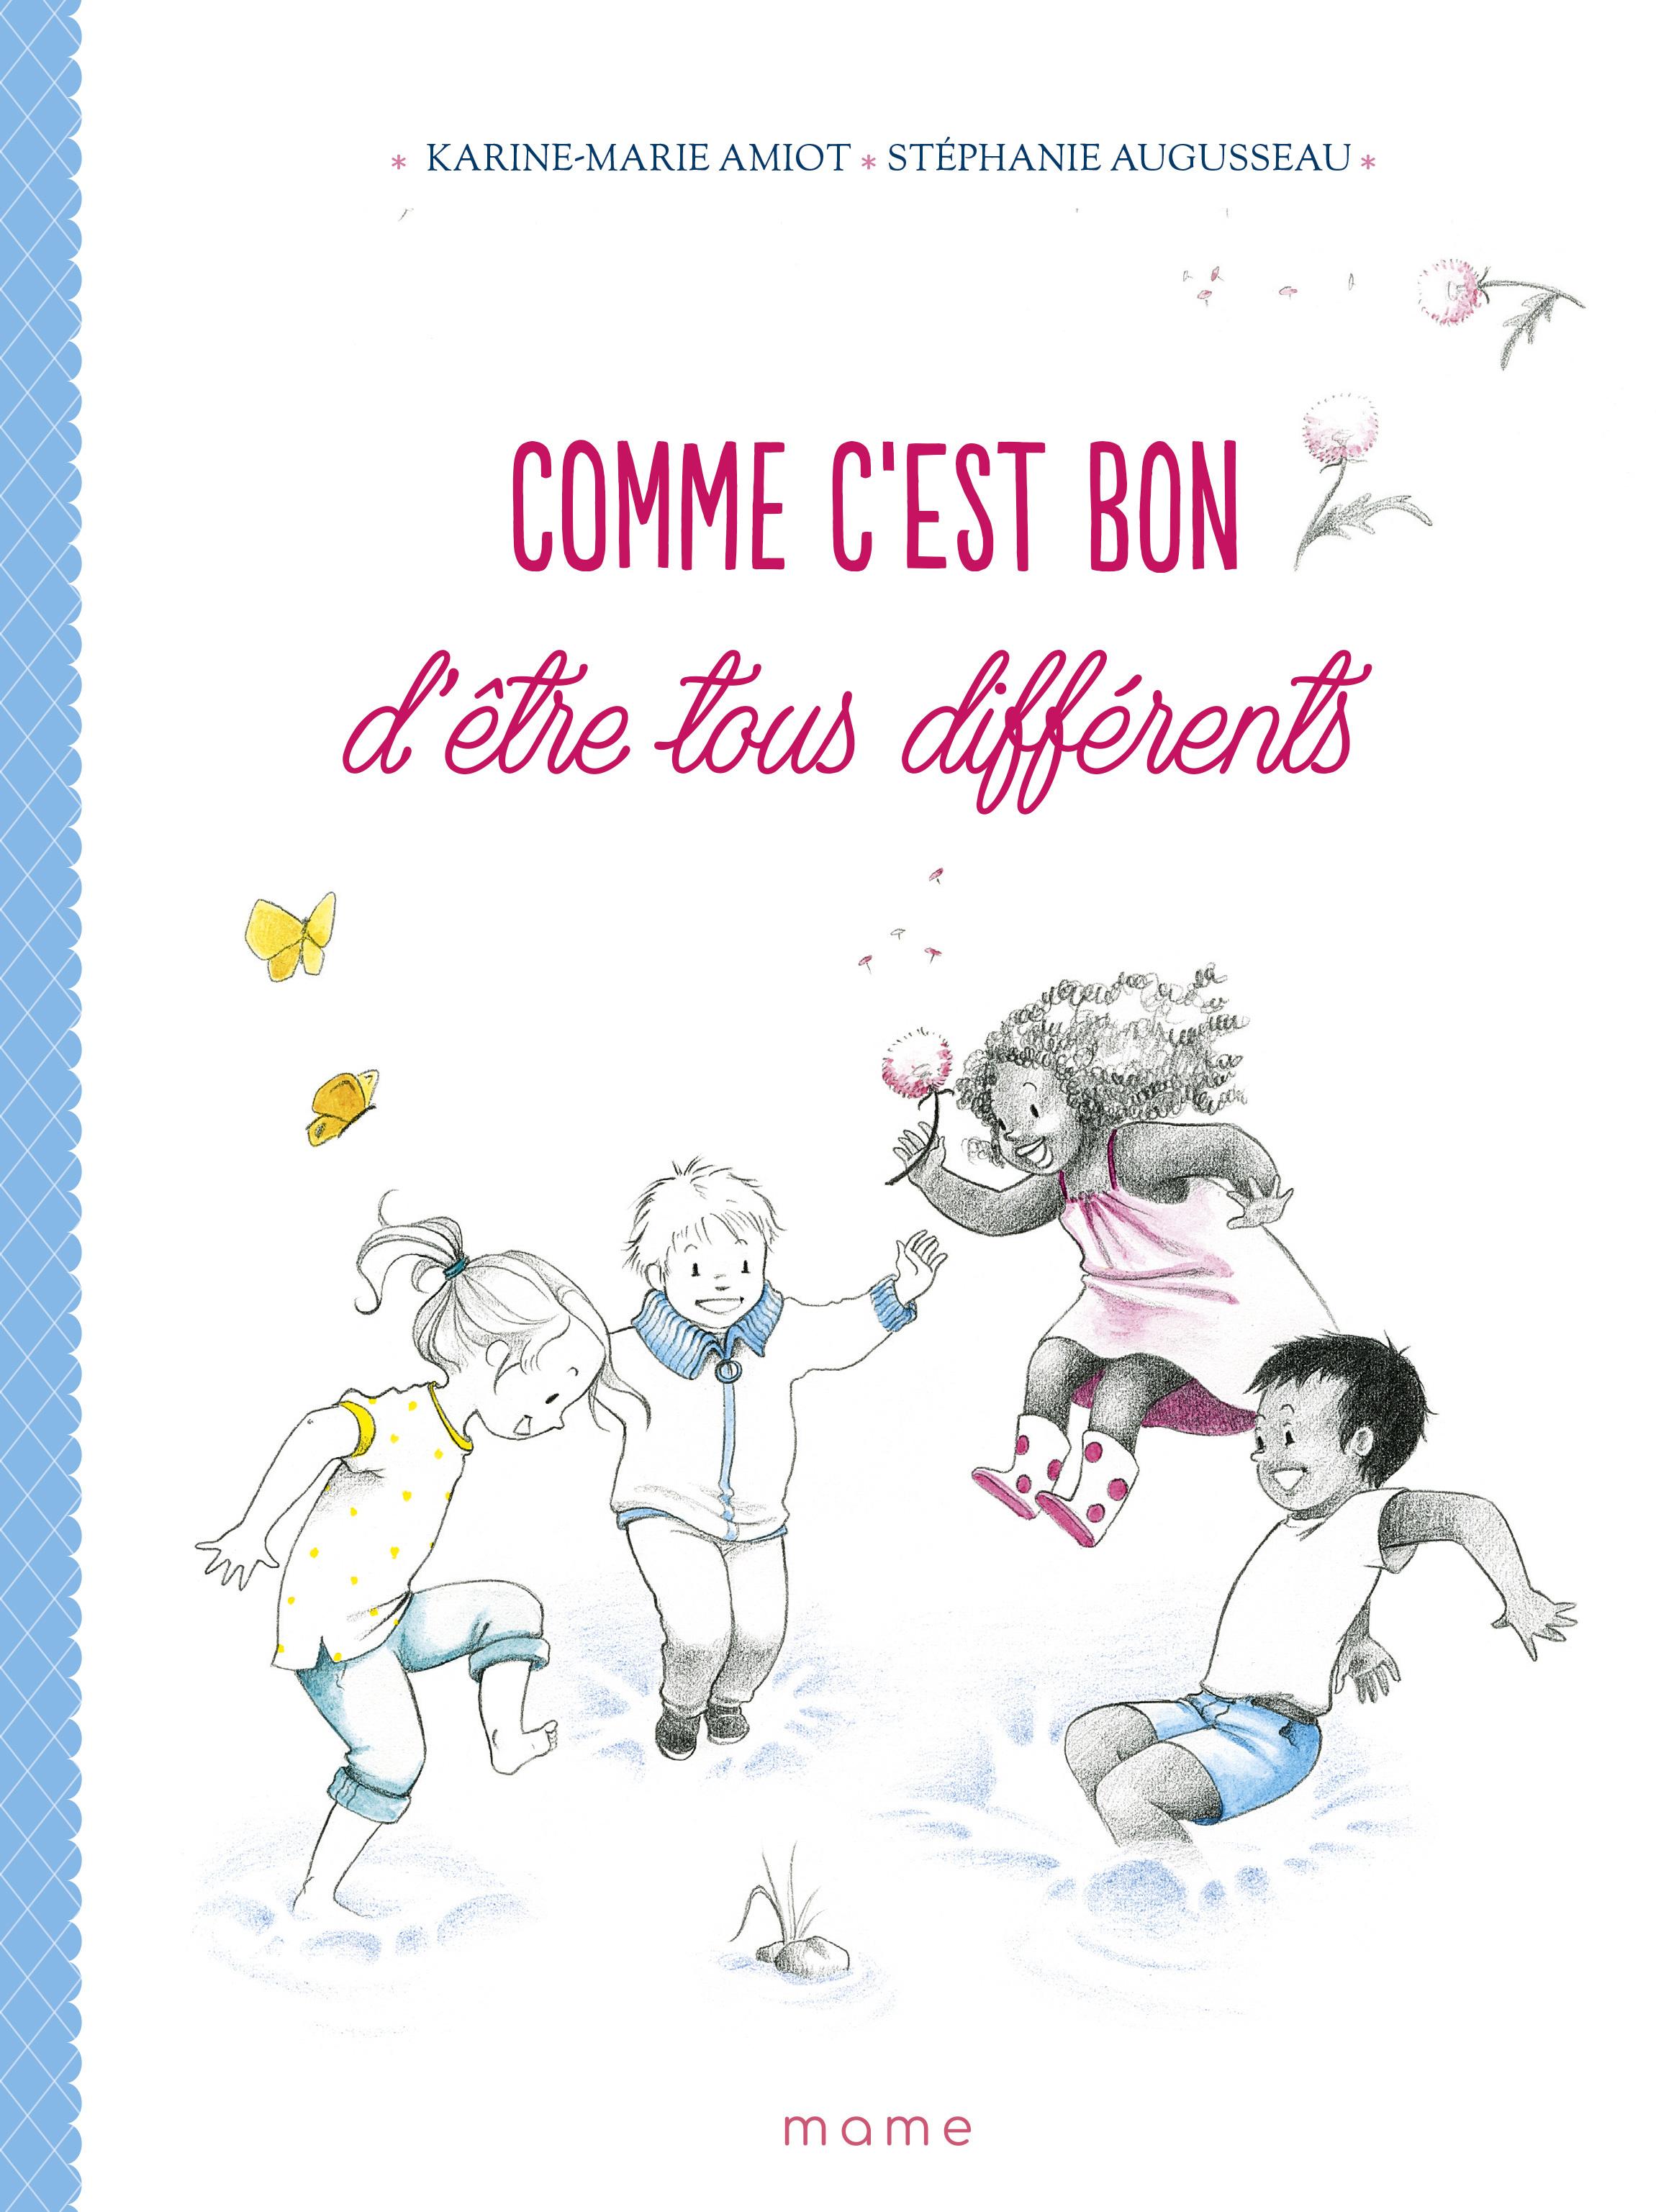 COMME C'EST BON D'ETRE TOUS DIFFERENTS